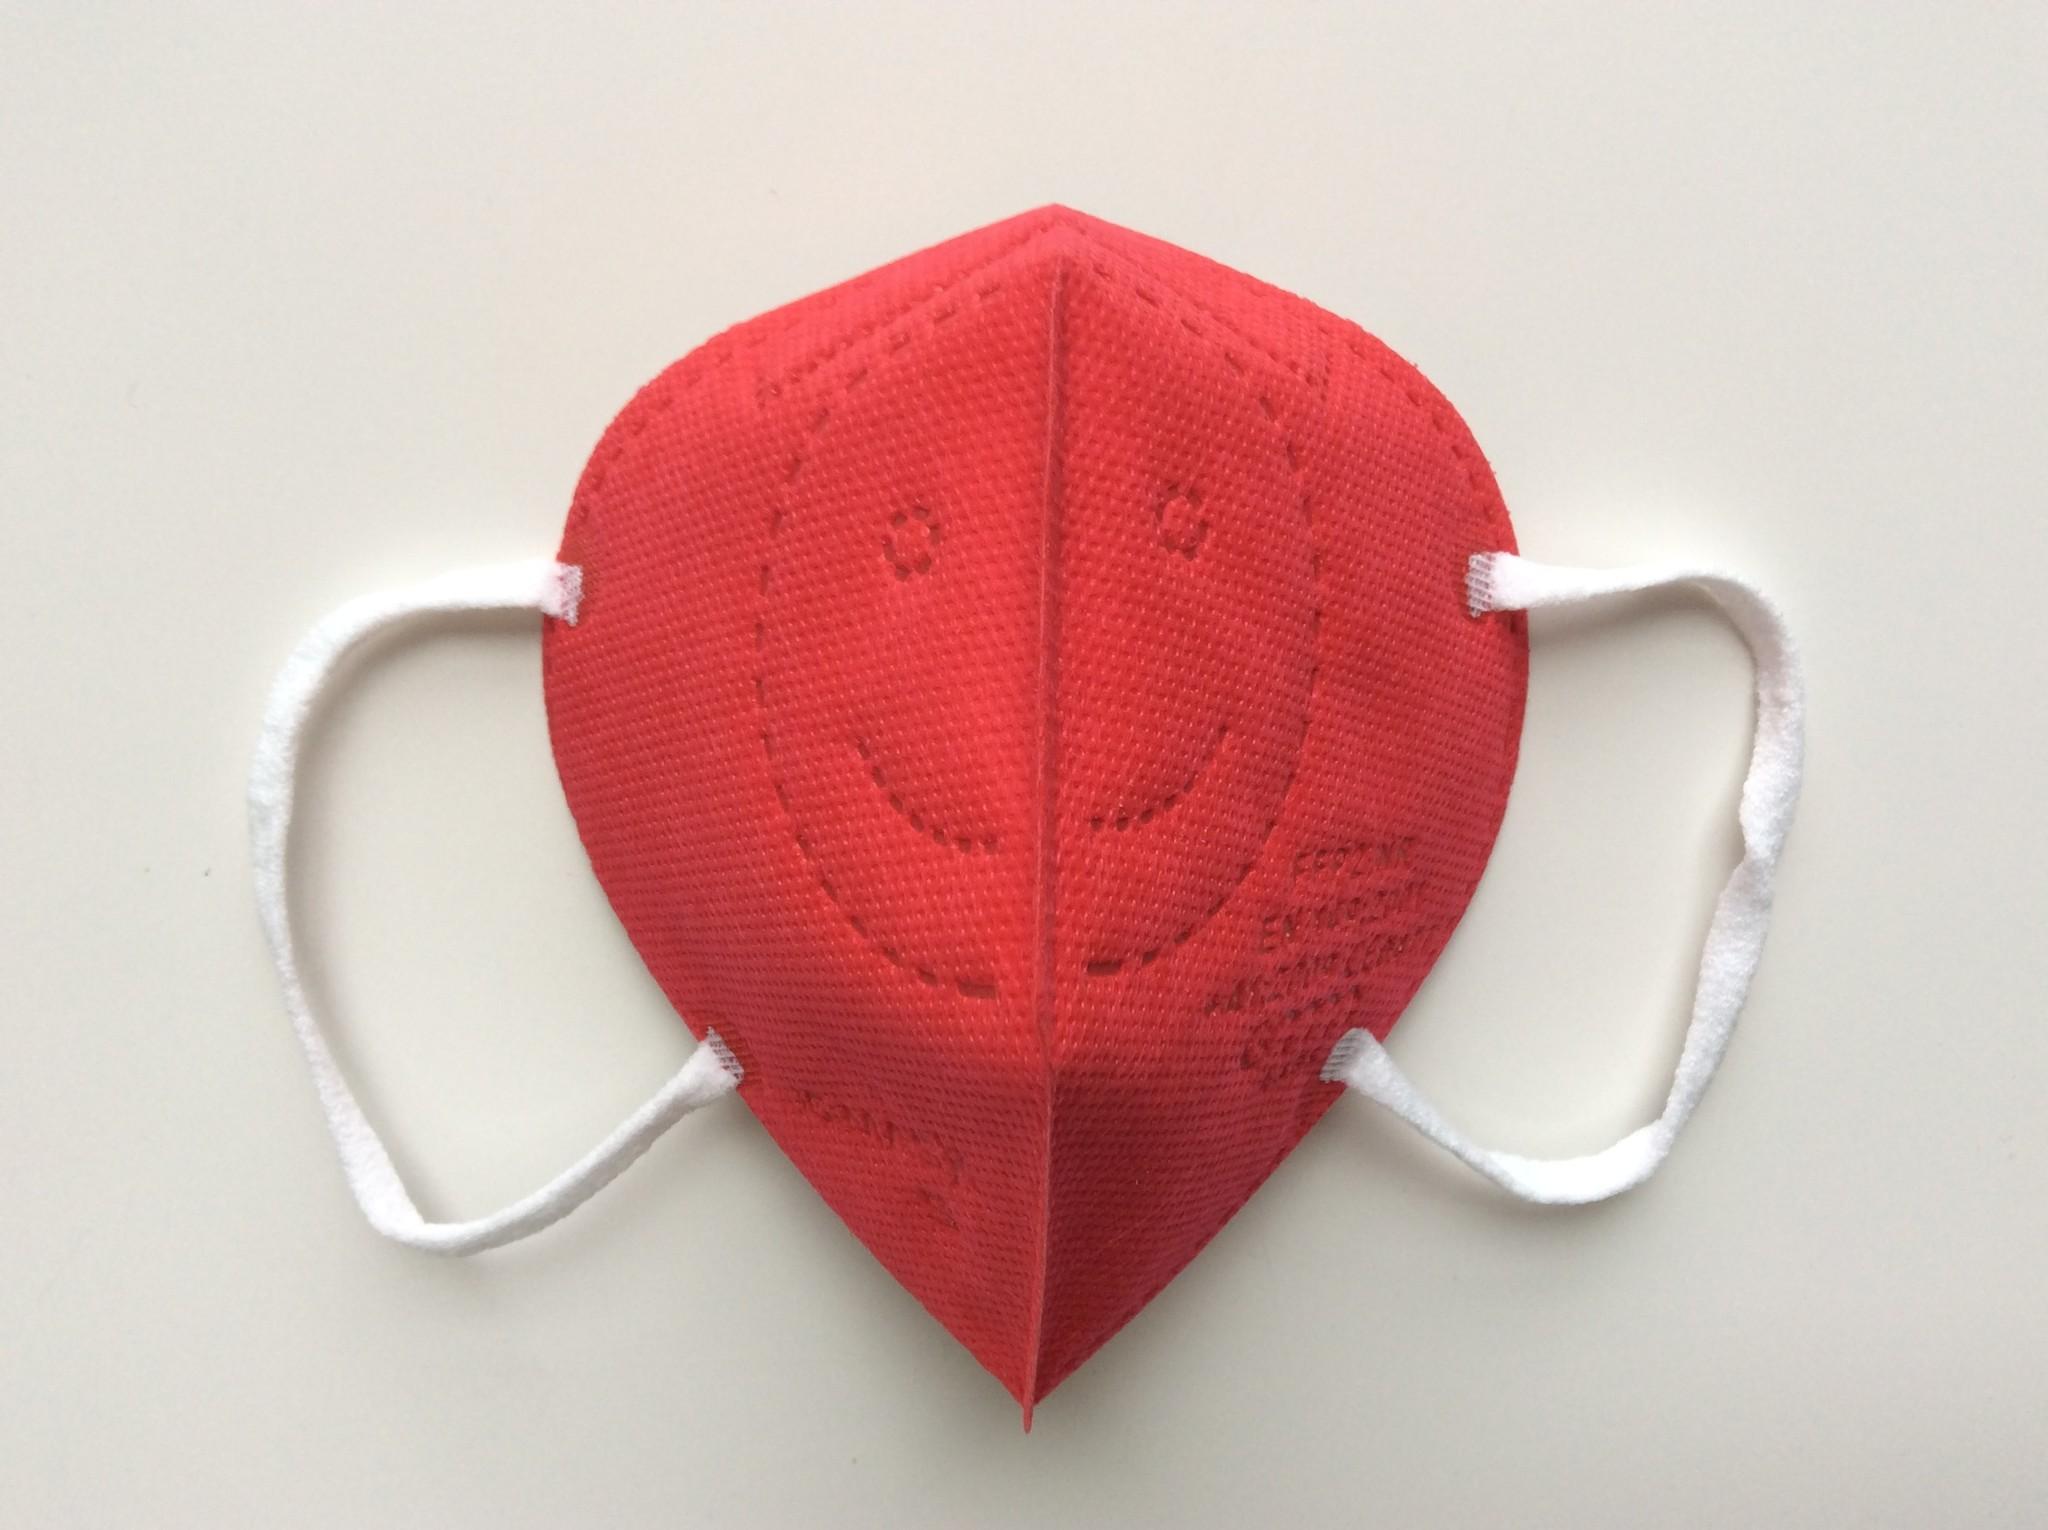 """IG-mask Masque IG """"FFP2"""" - Couleur Rouge- 20 pièces (2,49 par pièce)"""